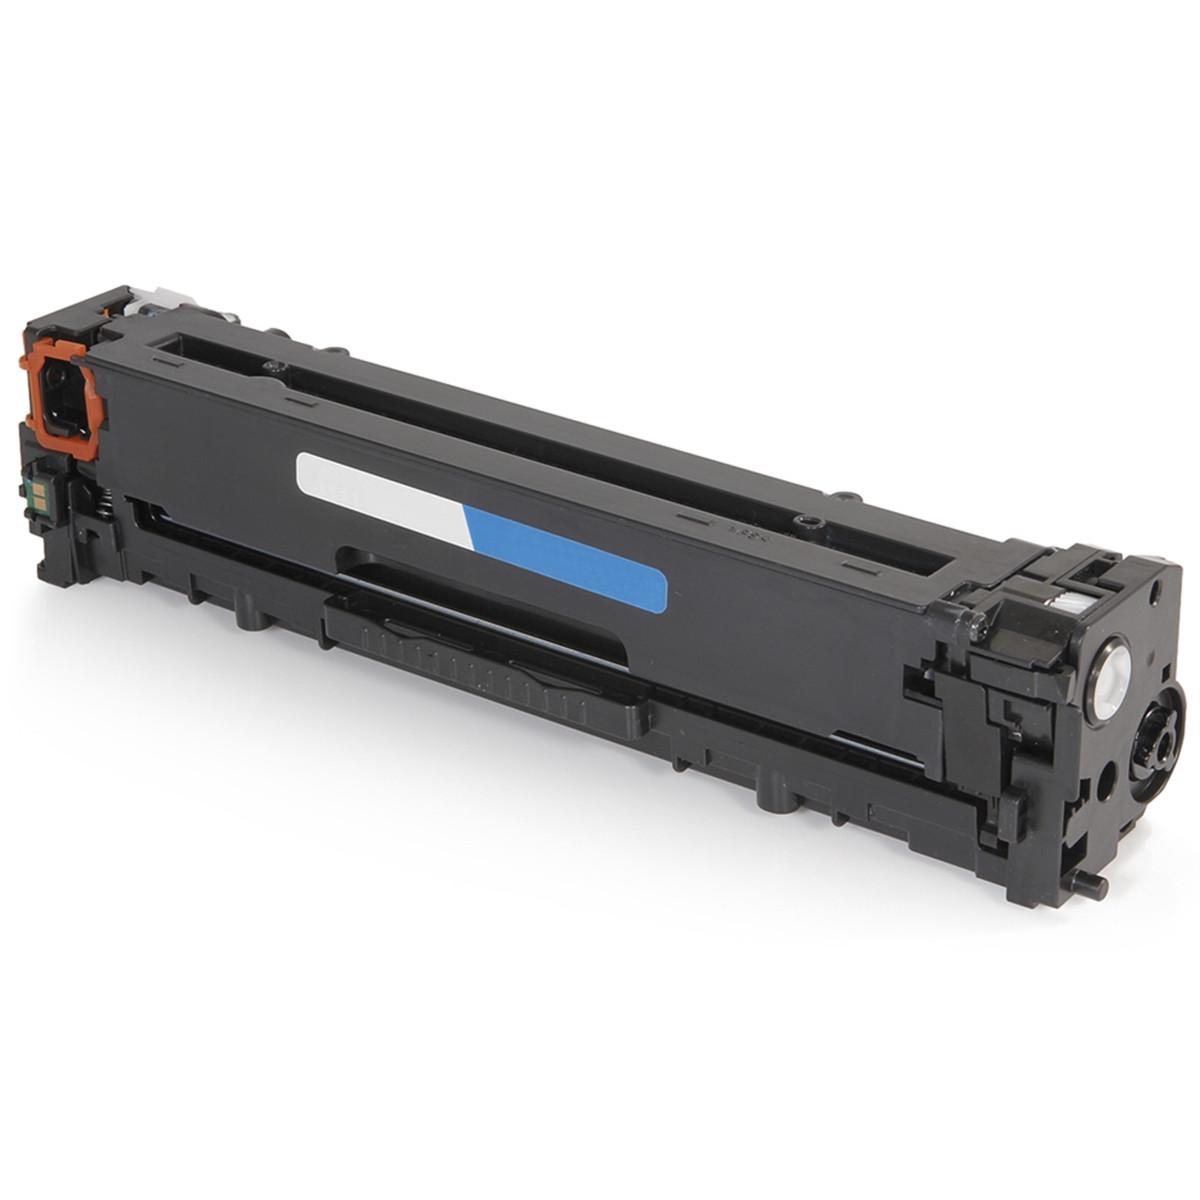 Toner Compatível com HP CB541A CB541AB 125A Ciano | CP1510 CP1515 CP1518 CP1215 CM1312 Premium